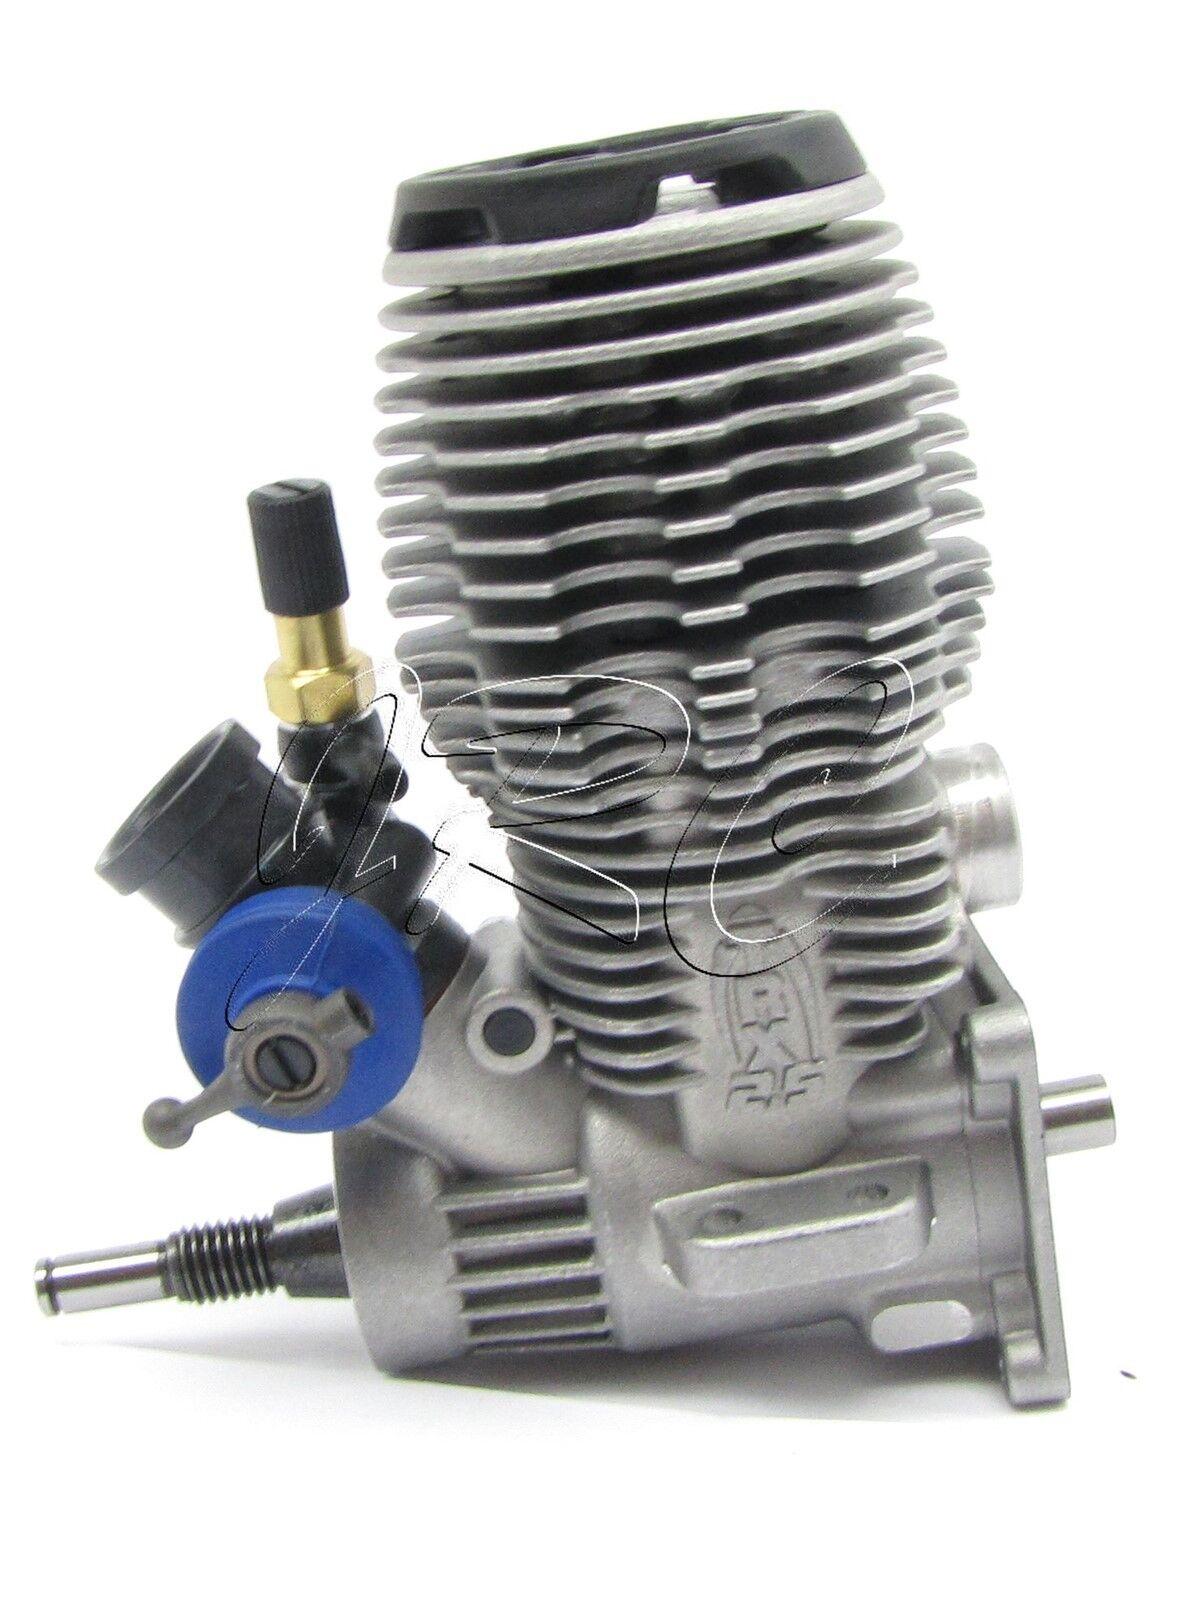 buona qualità Nitro RUSTLER - ENGINE (nuovo TRX 2.5 Factory Factory Factory Built motor (T-maxx Traxxas 44096-3  rivenditore di fitness